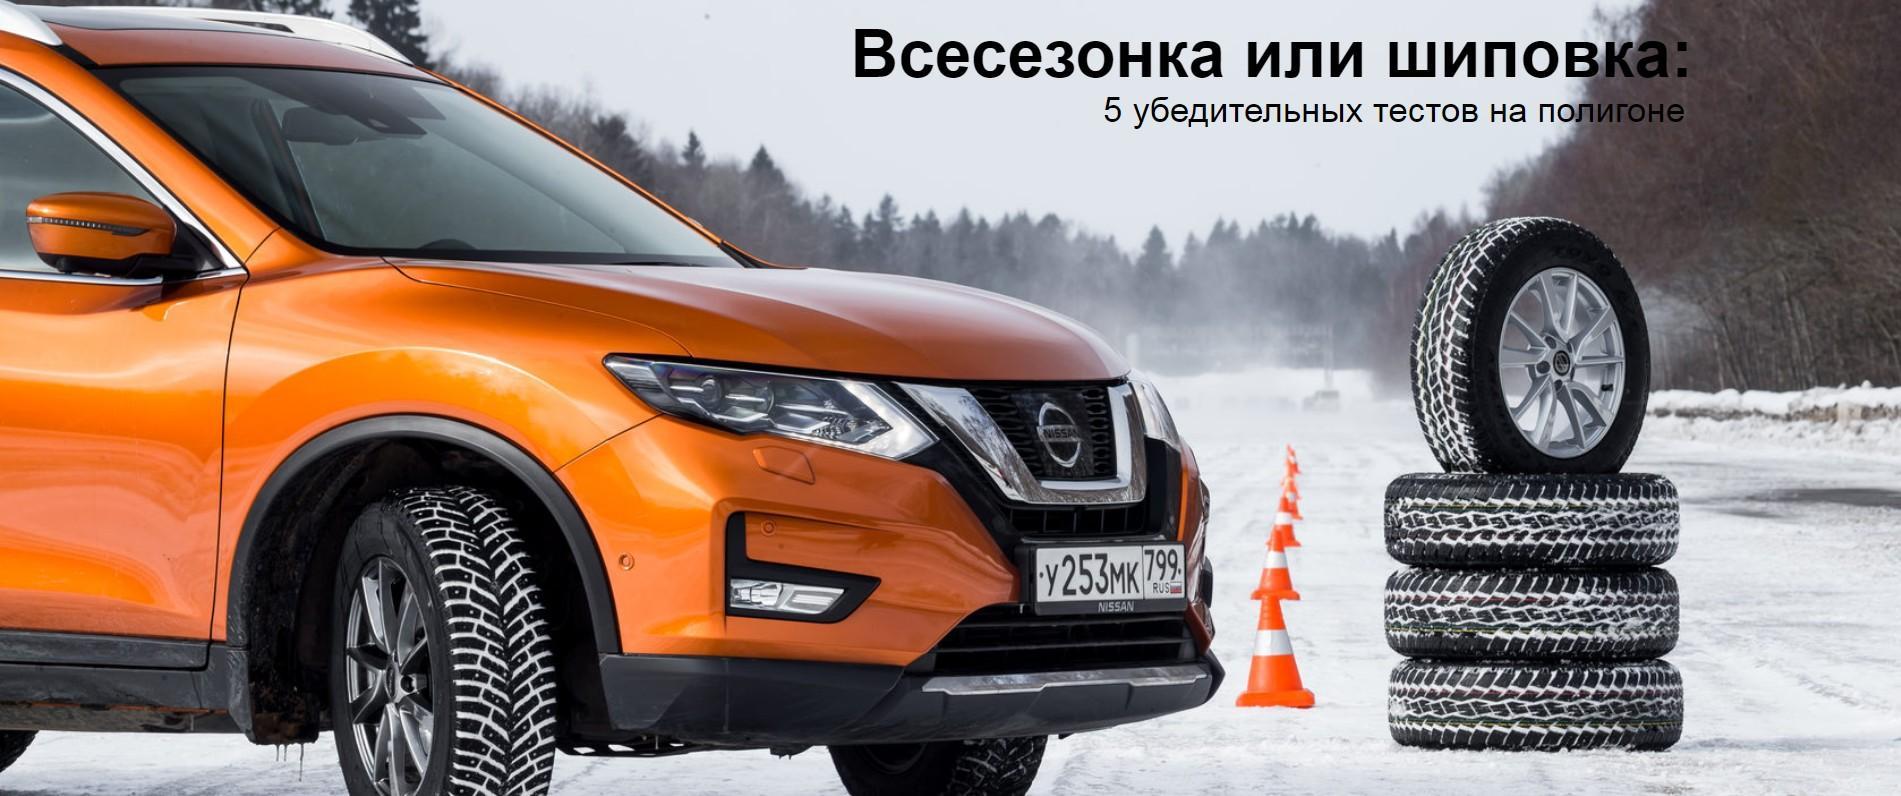 За рулем: Тест всесезонной и шипованной шин Toyo 2019